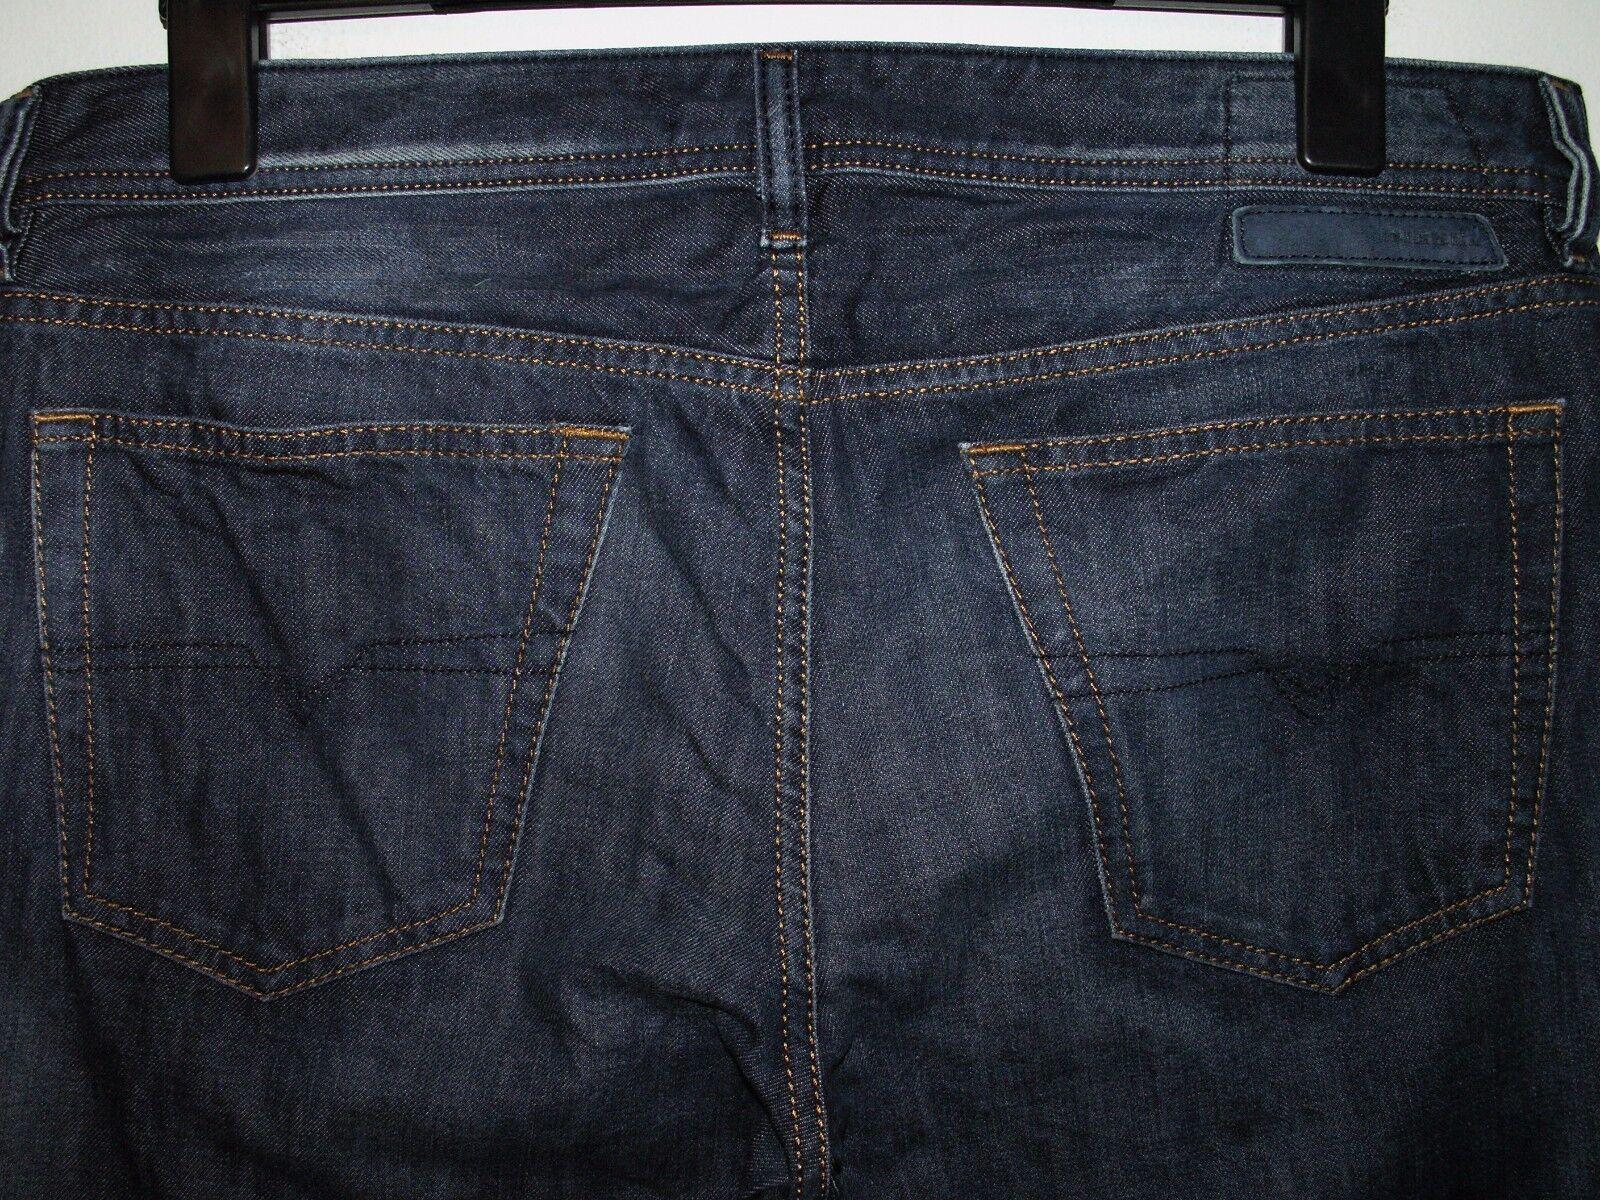 Diesel new-fanker regular slim-Stiefelcut jeans wash 0817F W34 L30 (a2834)    Attraktive Mode    Realistisch    Adoptieren